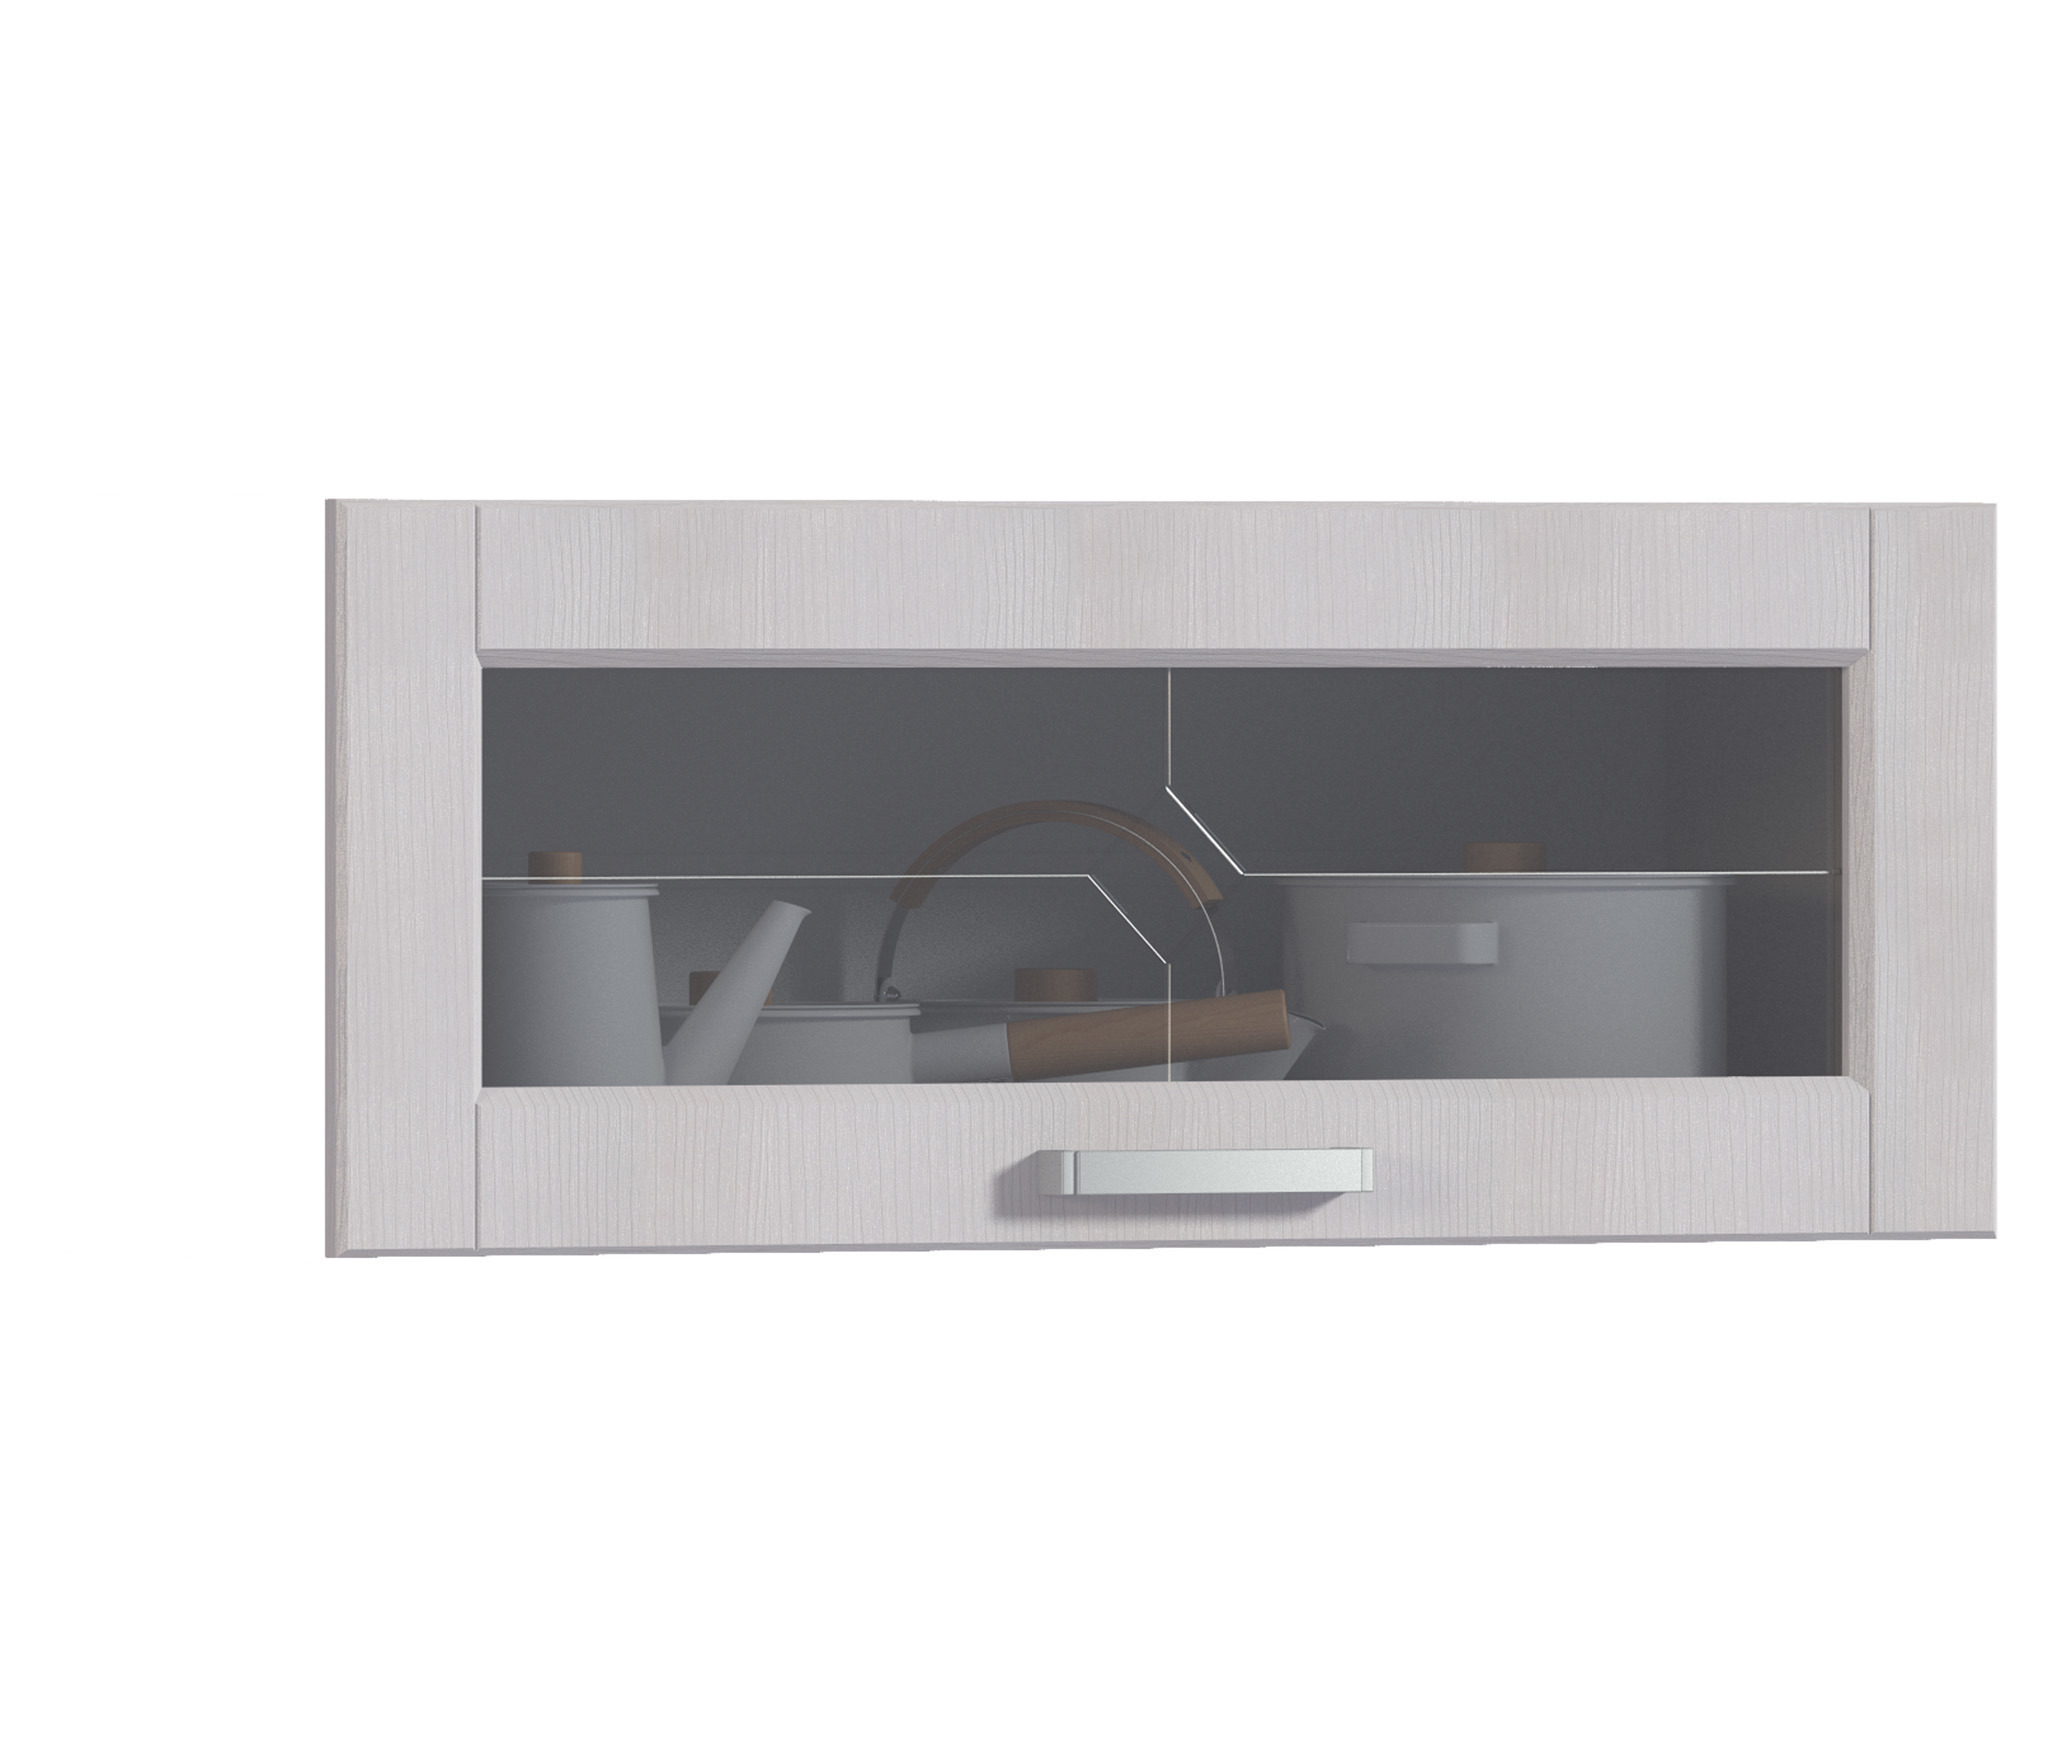 Регина ФВ-290 витринаМебель для кухни<br><br><br>Длина мм: 896<br>Высота мм: 355<br>Глубина мм: 20